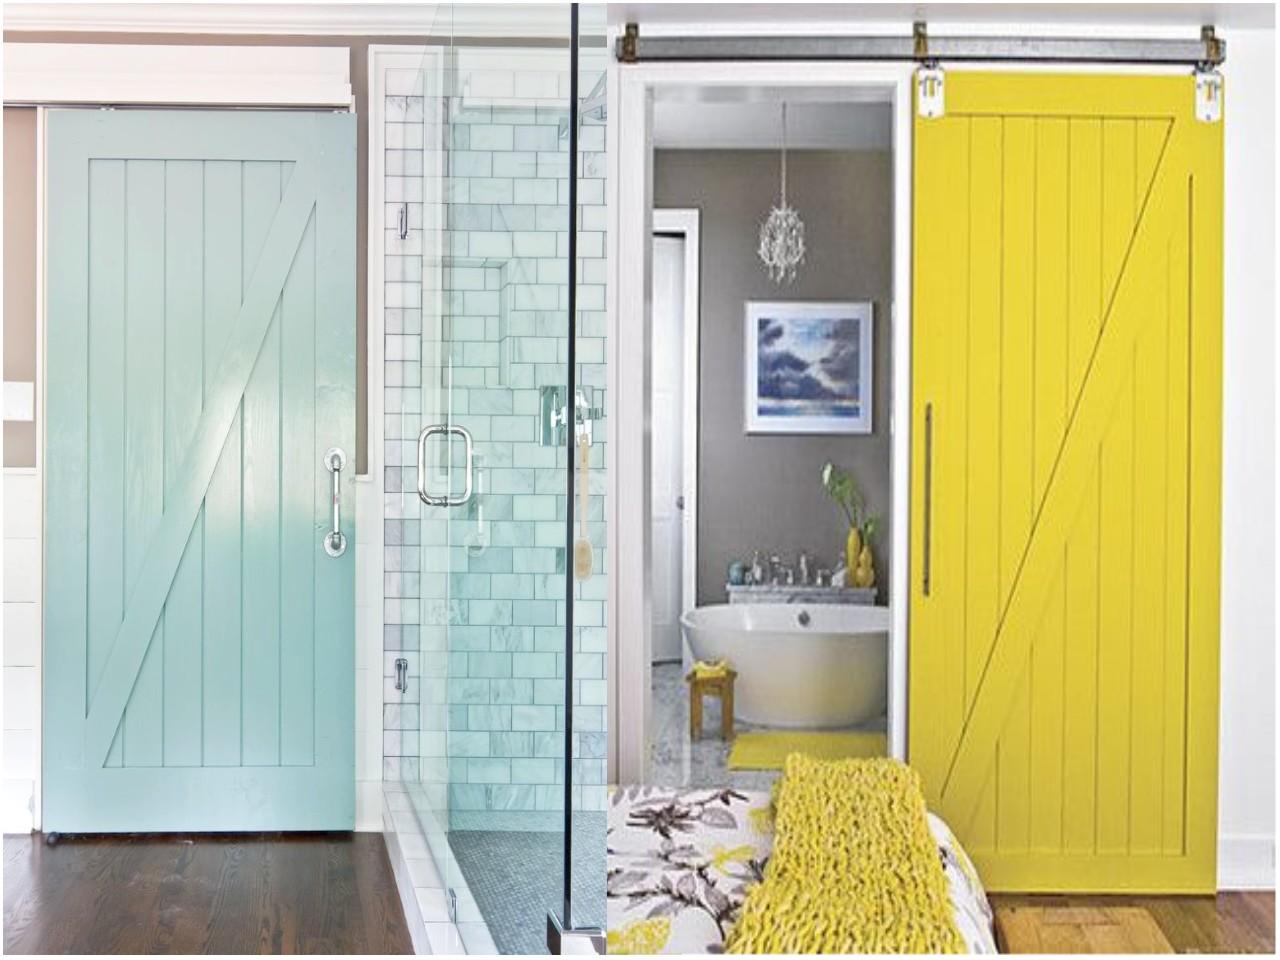 Ideas Para Puertas De Baño:Ideas para decorar baños: puertas correderas estilo granero